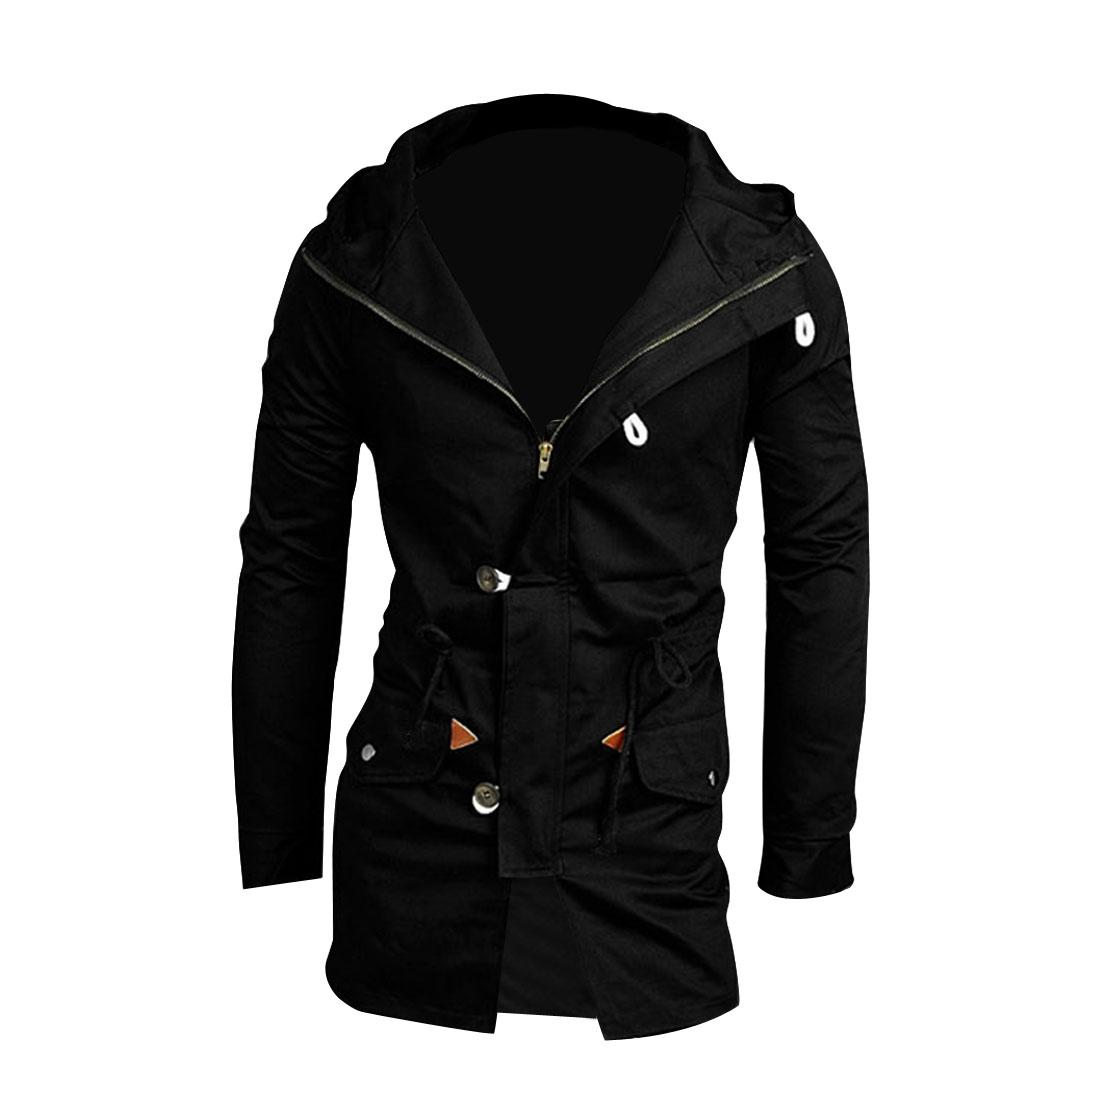 Men L Black Long Sleeve Slim Fit Front Button Closure Top Jacket Coat